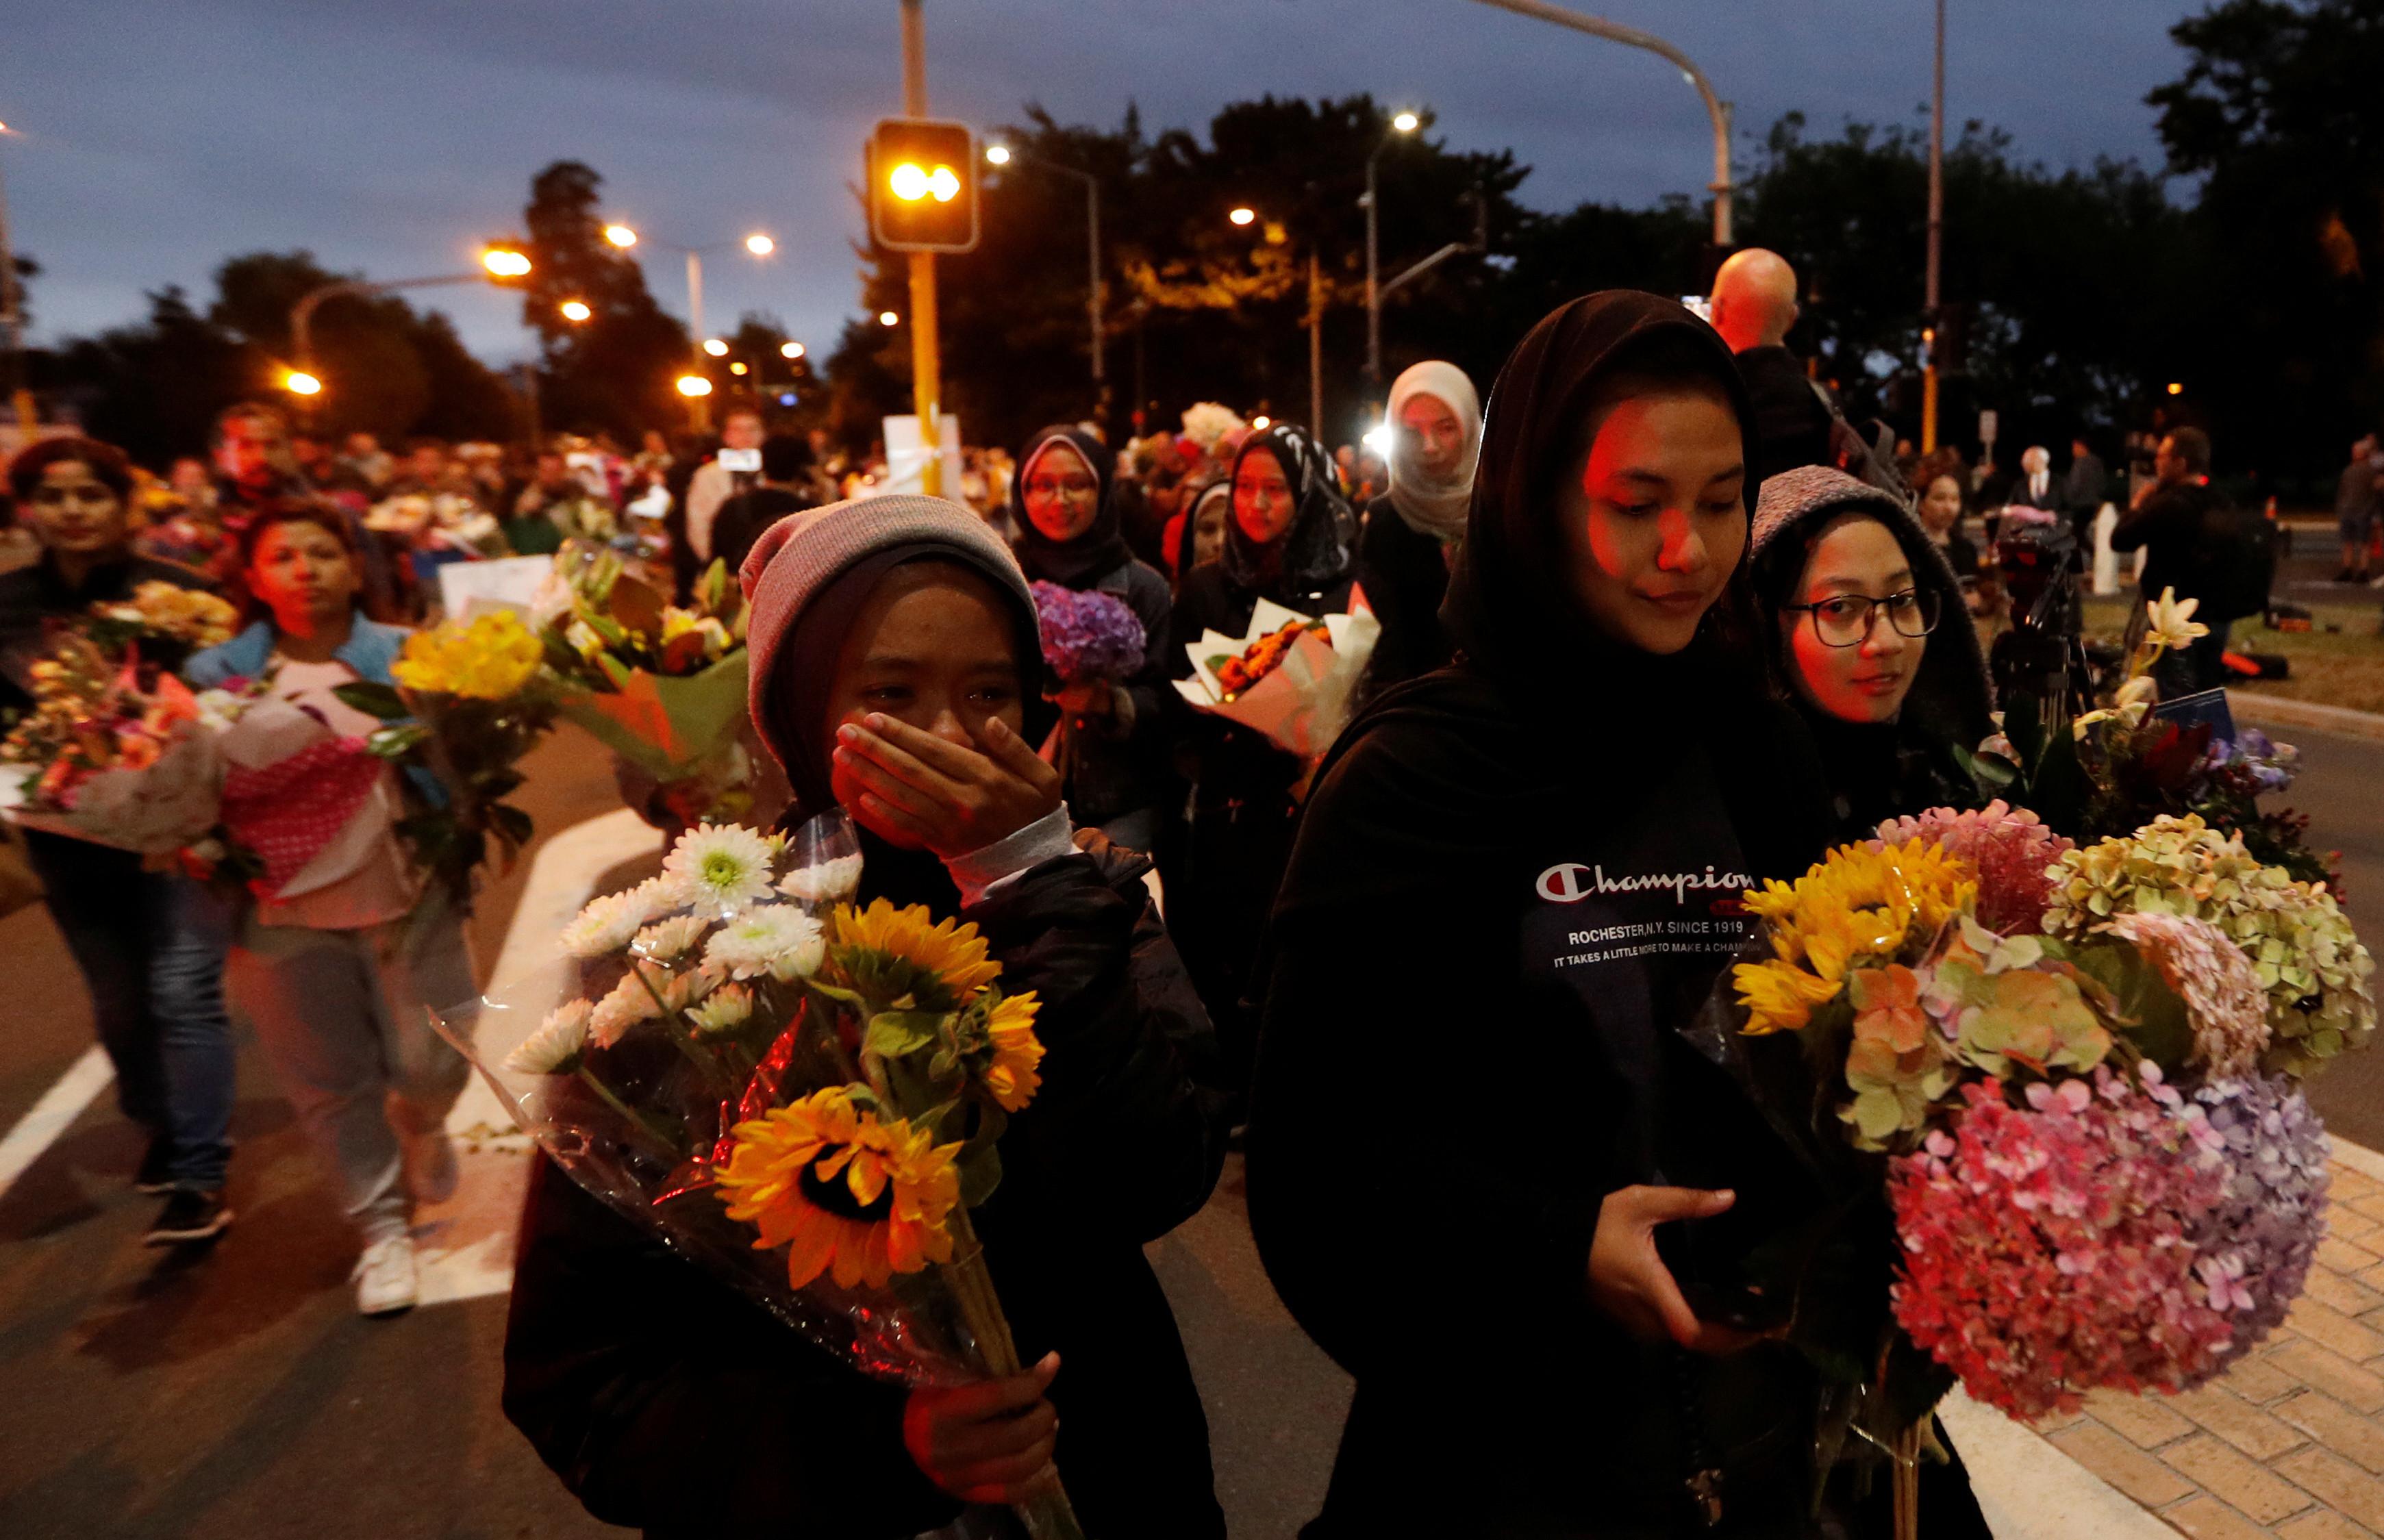 Neozelandeses organizam-se para demonstrar apoio a comunidades muçulmanas